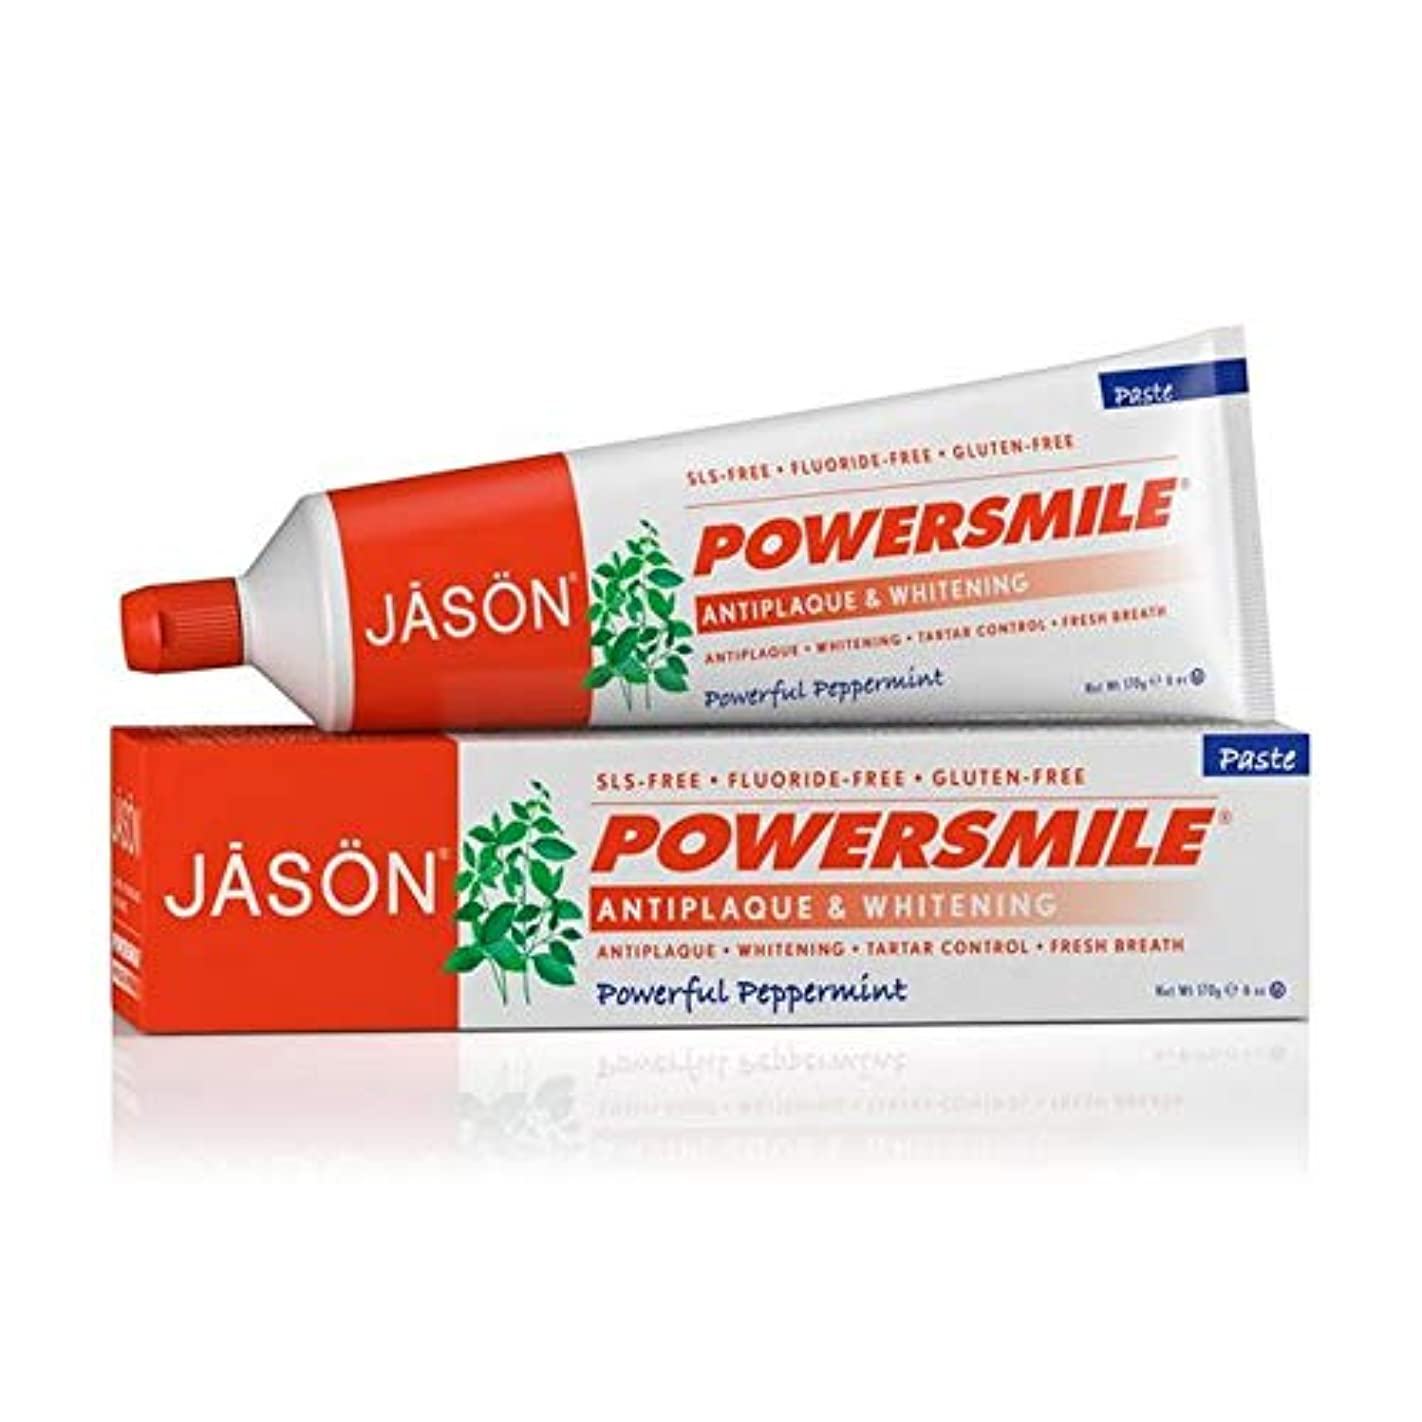 オーバーフロー黒人石鹸[Jason ] ジェイソンPowersmile歯磨き粉の170グラム - Jason Powersmile Toothpaste 170g [並行輸入品]